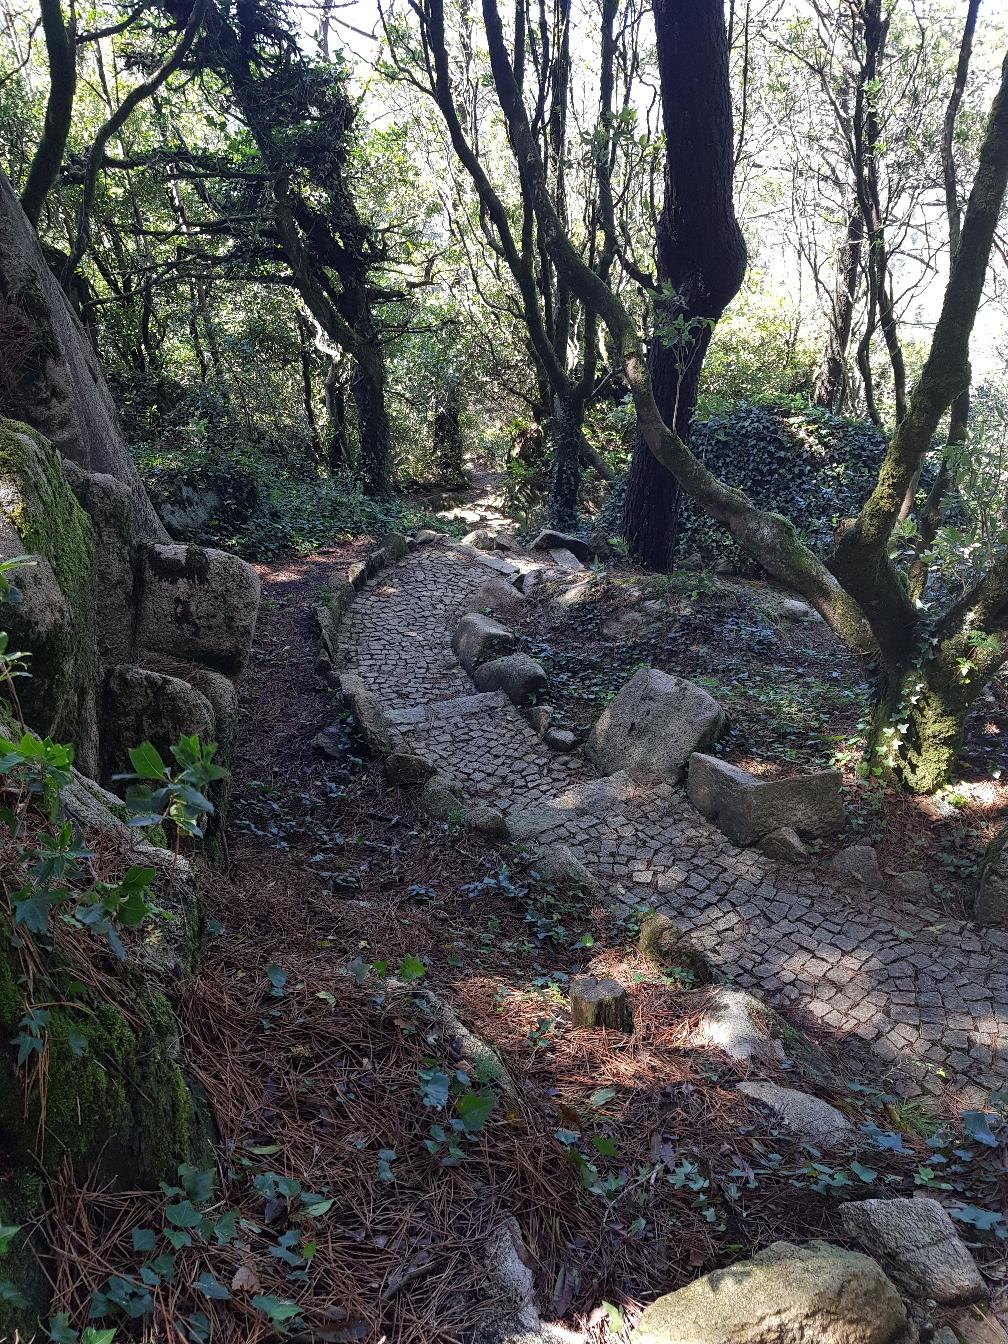 Durch den Park führen viele verschlungene Wege. Garnicht so einfach immer den richtigen zu finden.